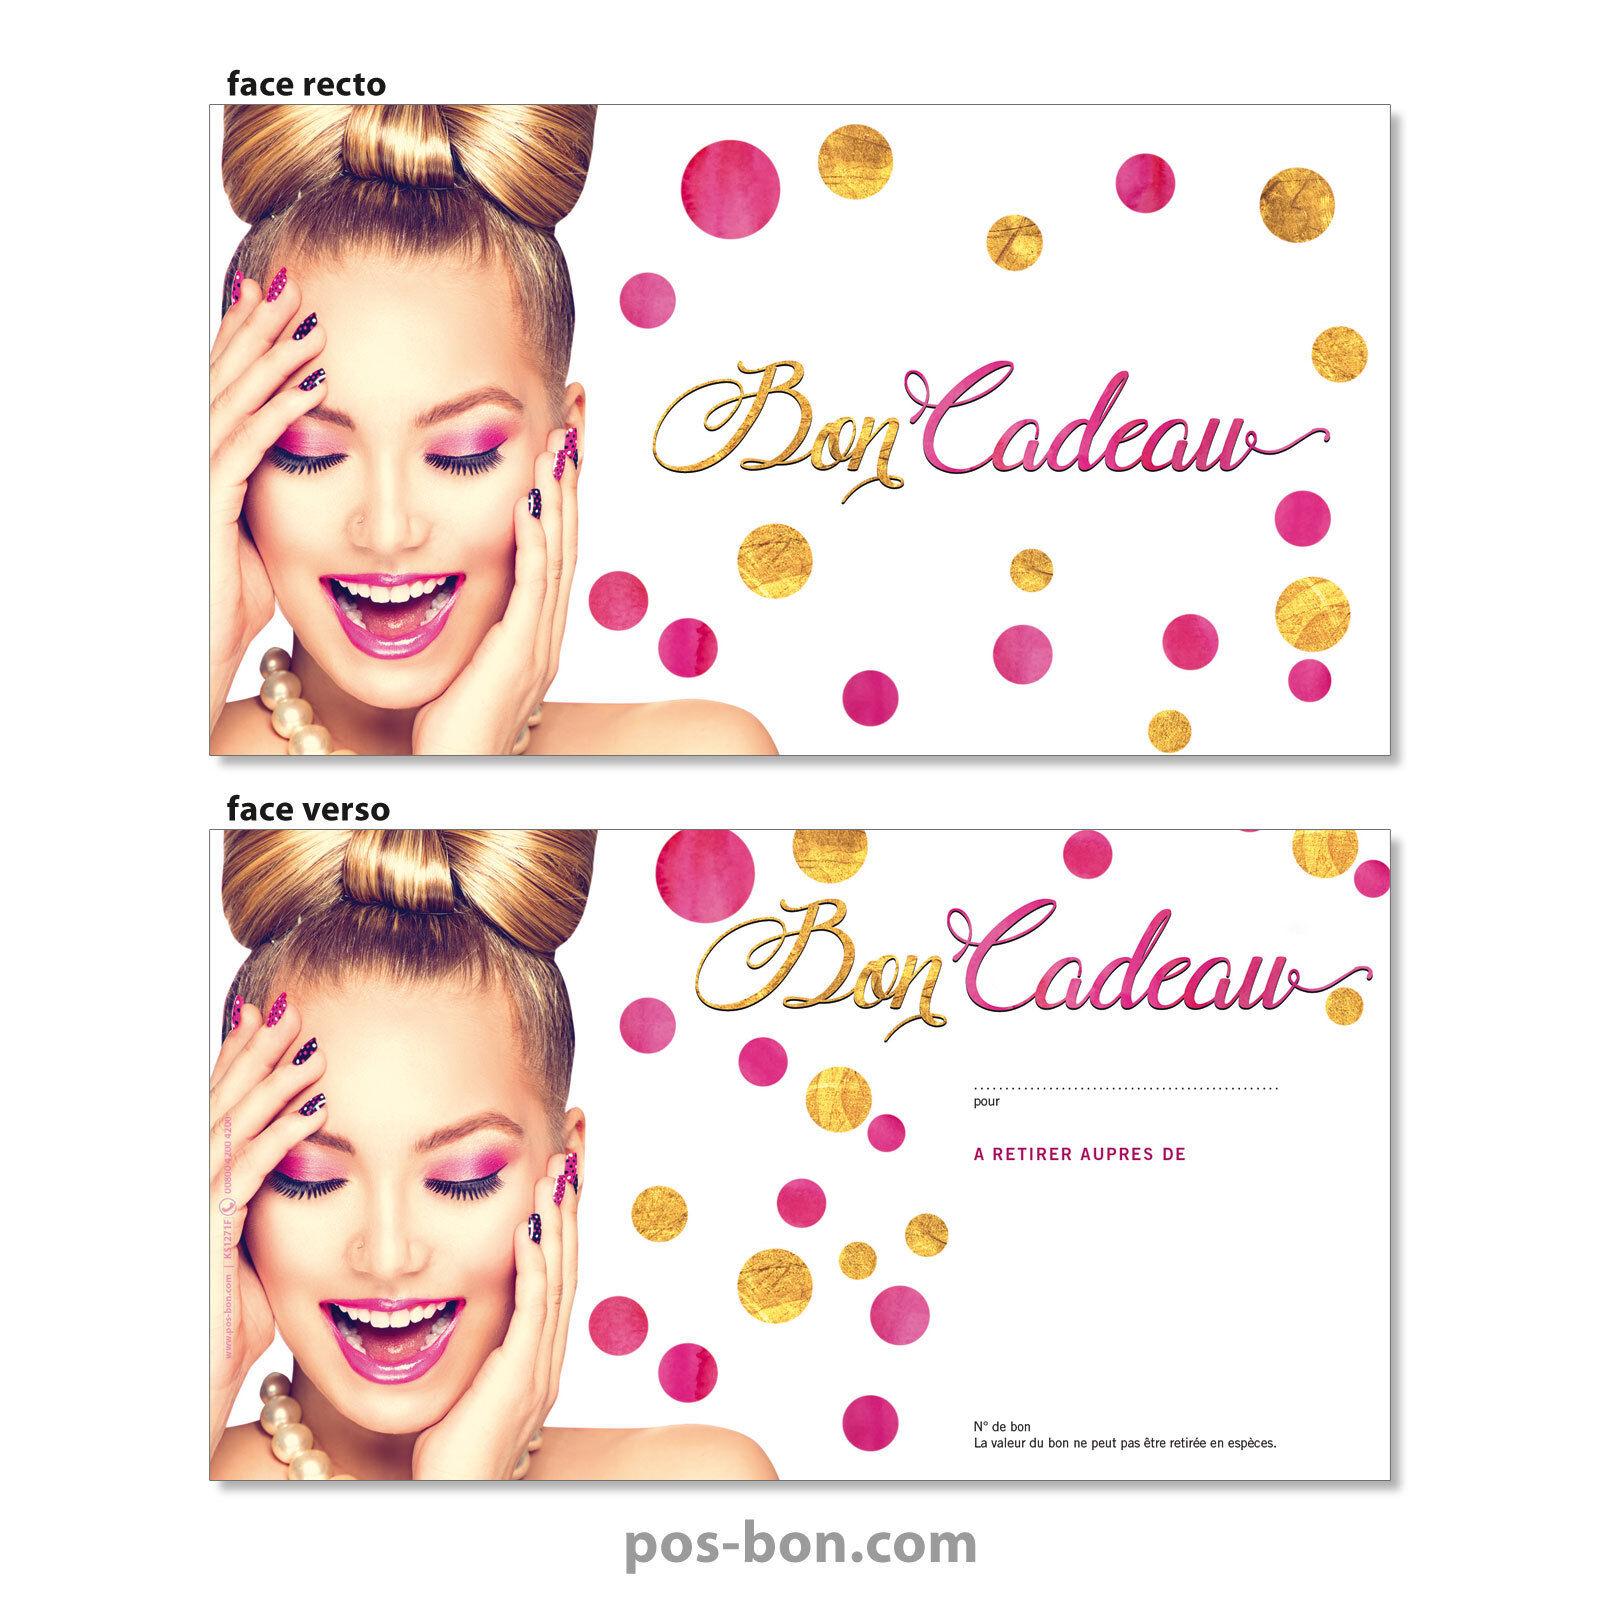 Bons cadeaux  enveloppes pour instituts de de de beauté et coiffeurs KS1271F | Elegant Und Würdevoll  | Neuartiges Design  bb1995